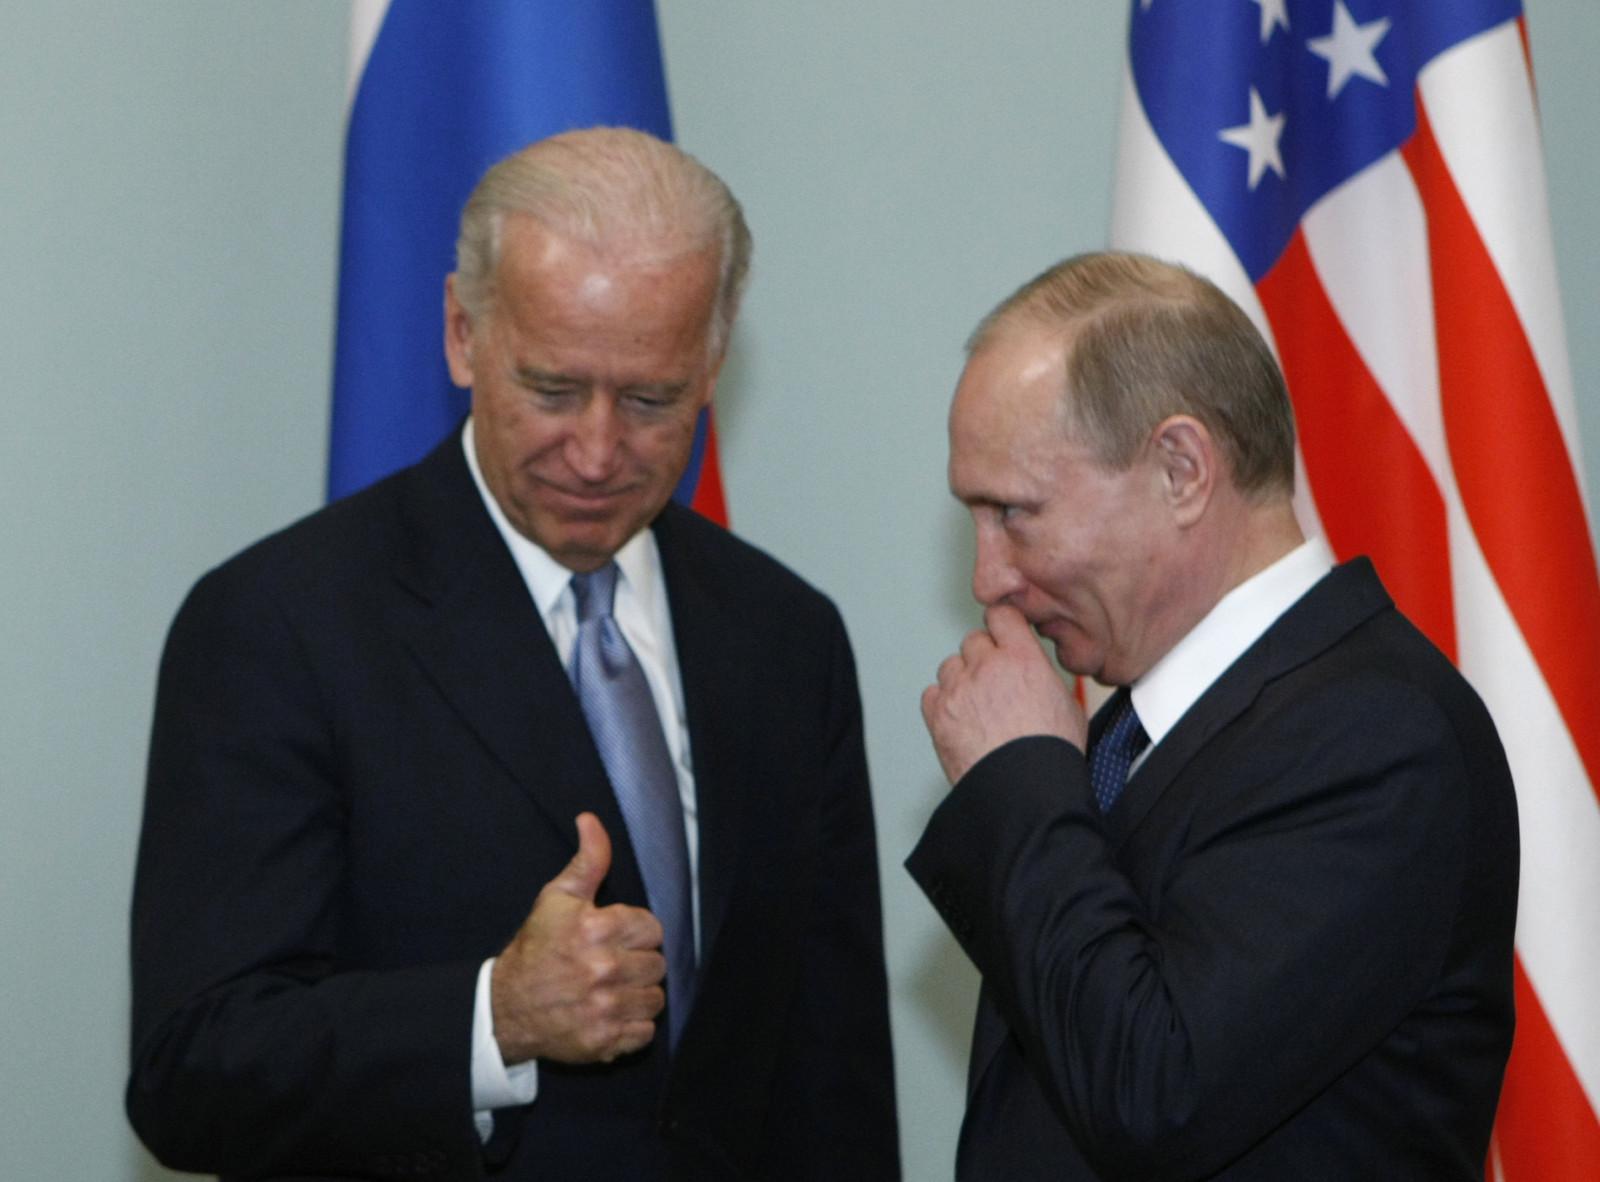 Байден говорит с Путиным